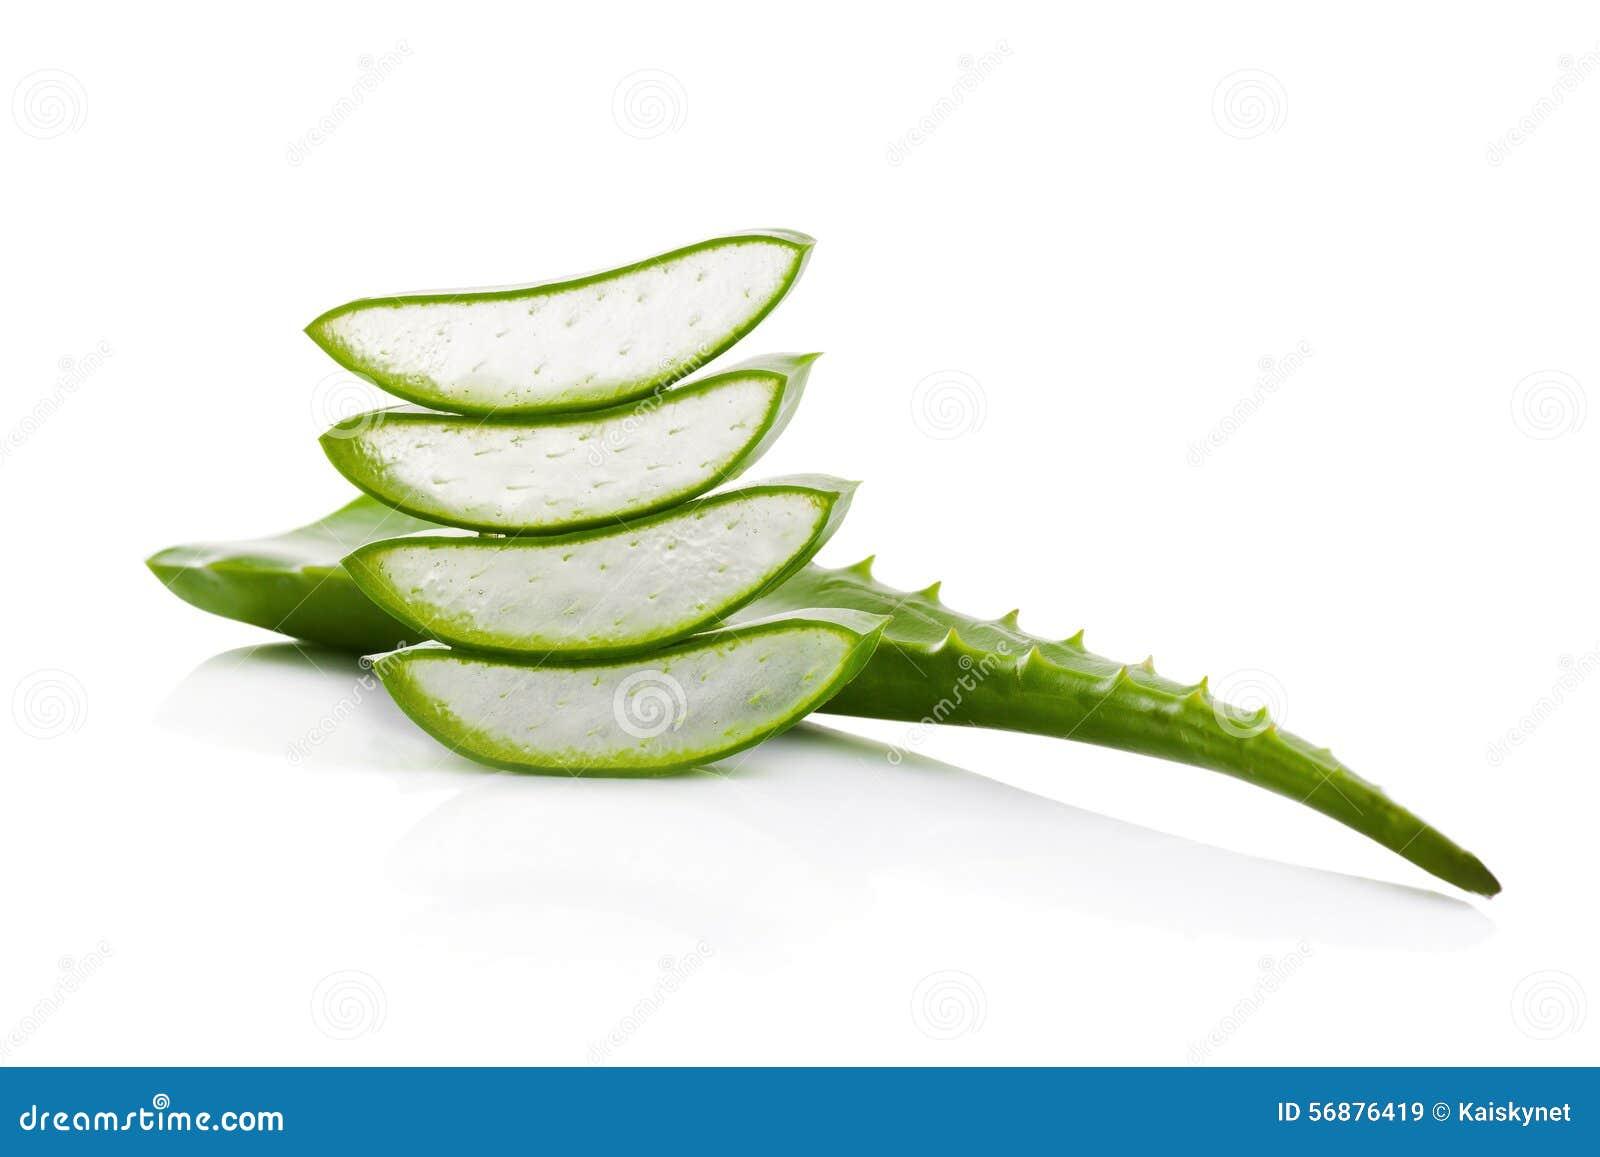 Aloe vera isolata su priorità bassa bianca